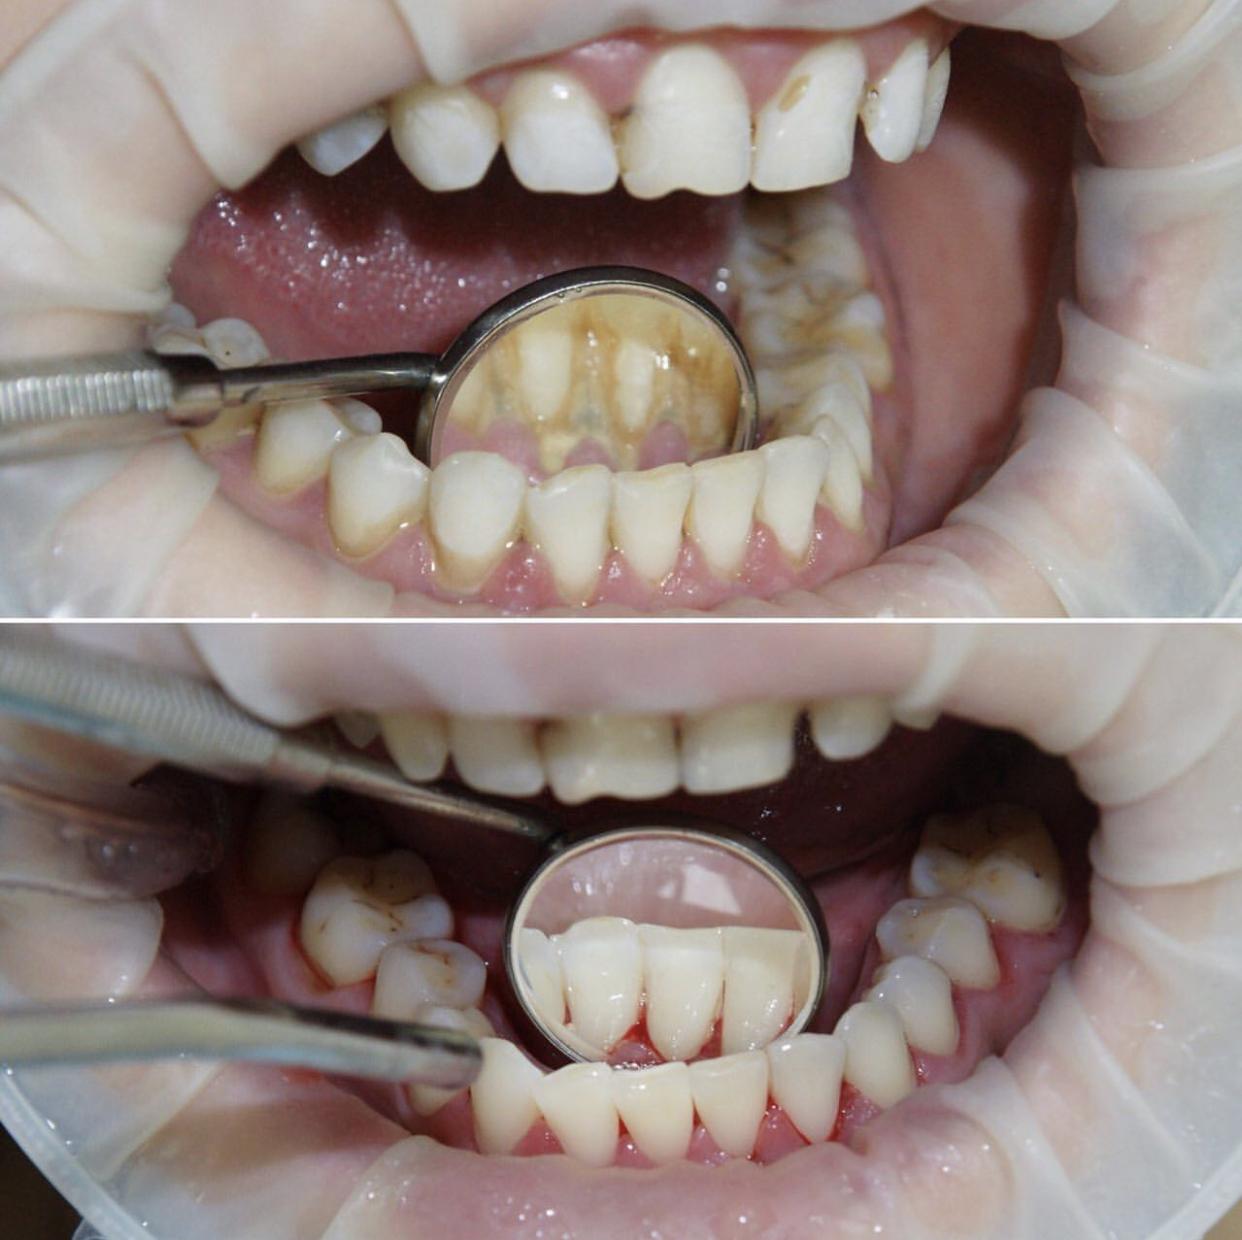 Гигиена полости рта до и сразу после процедуры